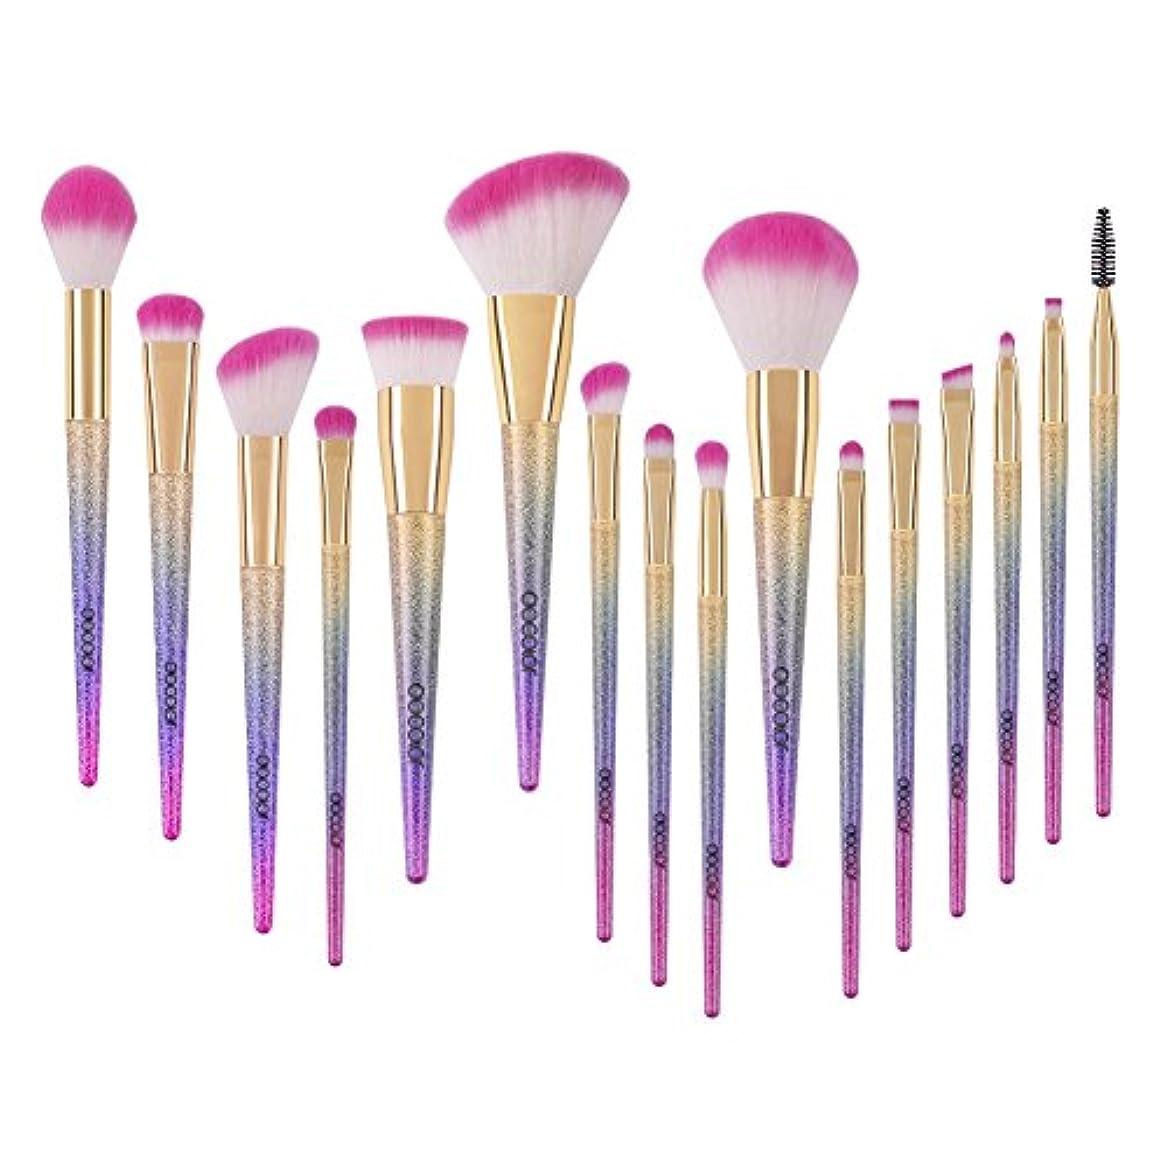 池ギネスカルシウムDocolor ドゥカラー 化粧筆 メイクブラシ 16本セット 欧米で大ブーム中のレインボーブラシ